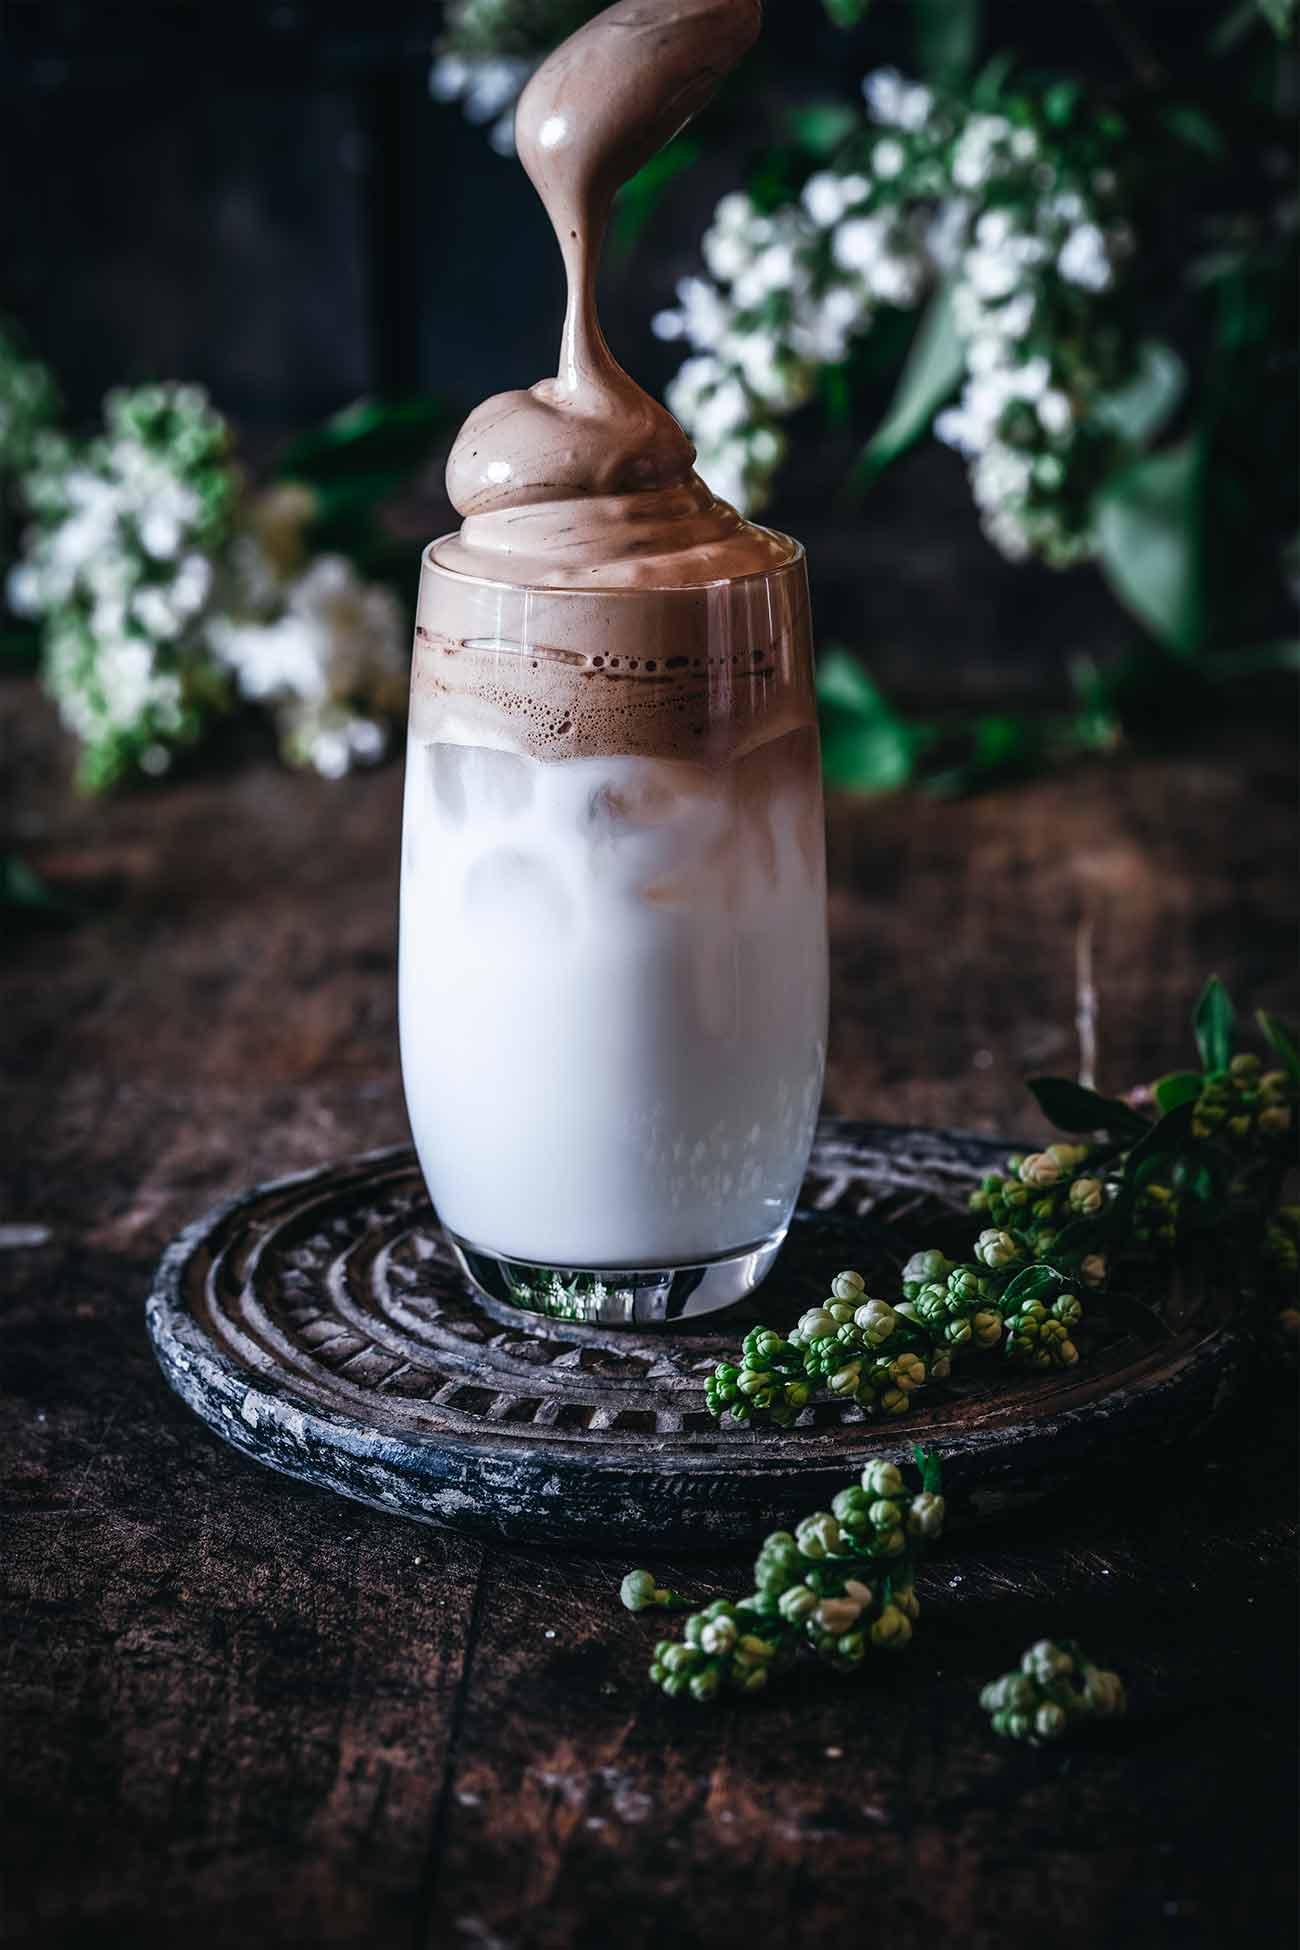 Die Variationen sind zahlreich. Klassisch als Kaltgetränk verrührt man 1 TL löslichen Kaffee (oder 1 Stick Jacobs Löskaffee) mit 1 TL Zucker und 1 TL heißen Wasser zu einer dickflüssigen Masse. Ich mache das in der Küchenmaschine, denn da geht es richtig schnell und die Masse wird schön fest. Dann kommen einige Eiswürfel ins Glas, kalte Milch und obendrauf die köstliche Kaffeecreme.  Funktioniert natürlich auch mit heißer Milch und ohne Eiswürfel.